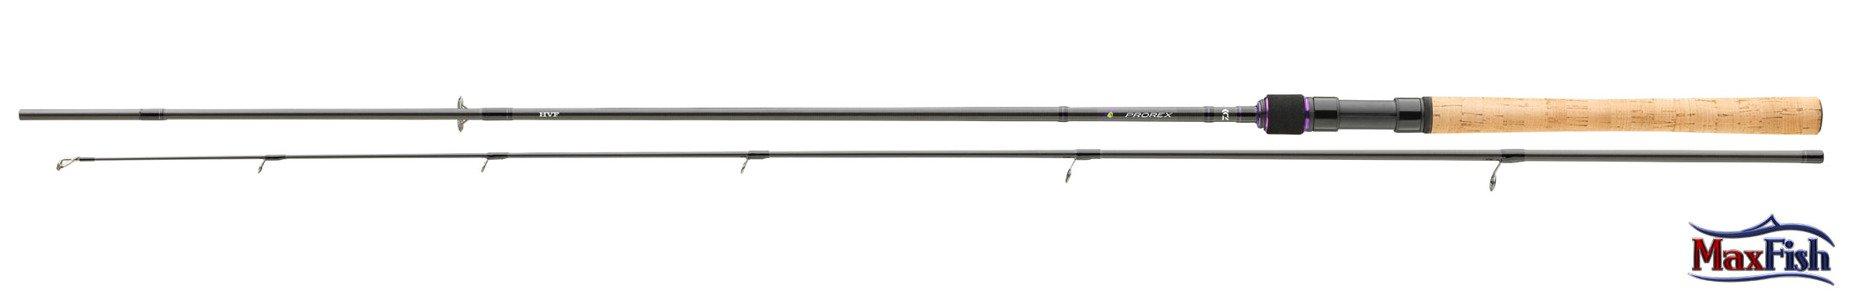 Daiwa Prorex S Spin  240cm 15-50g